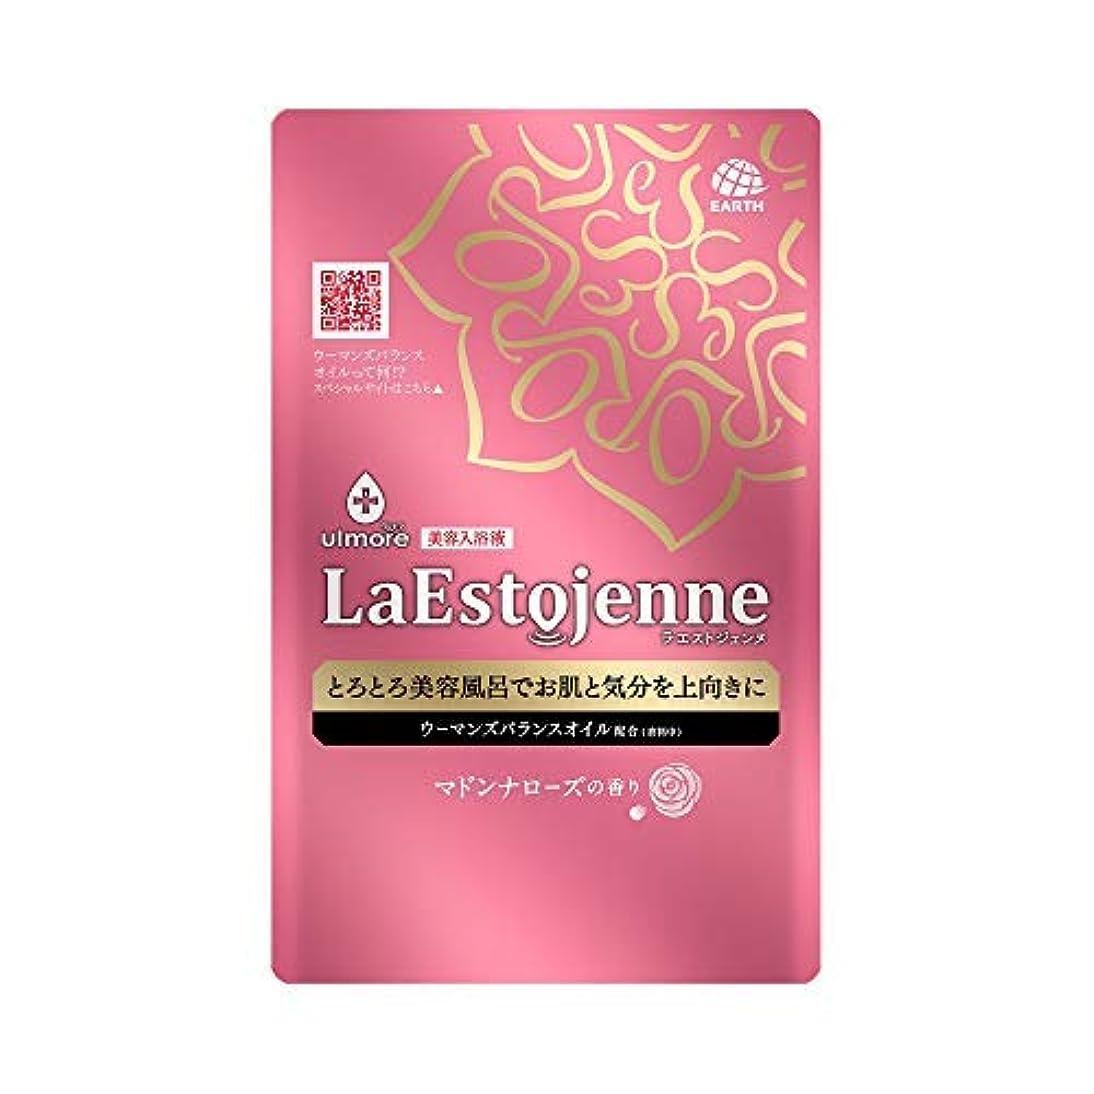 真面目な弾性アンデス山脈ウルモア ラエストジェンヌ マドンナローズの香り 1包 × 3個セット